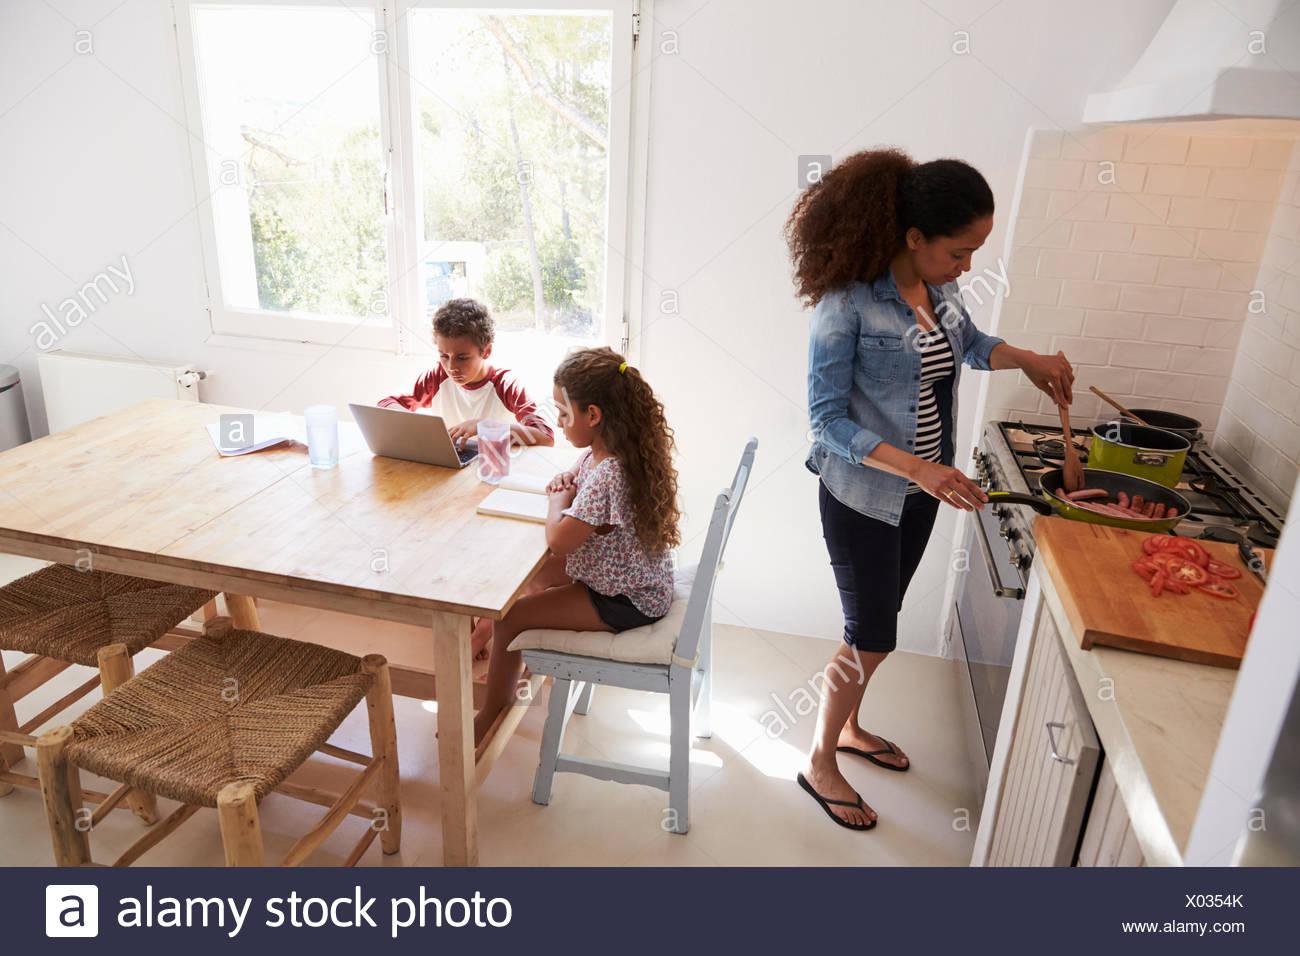 Großartig Kochen Mama Welt Küche Fotos - Ideen Für Die Küche ...